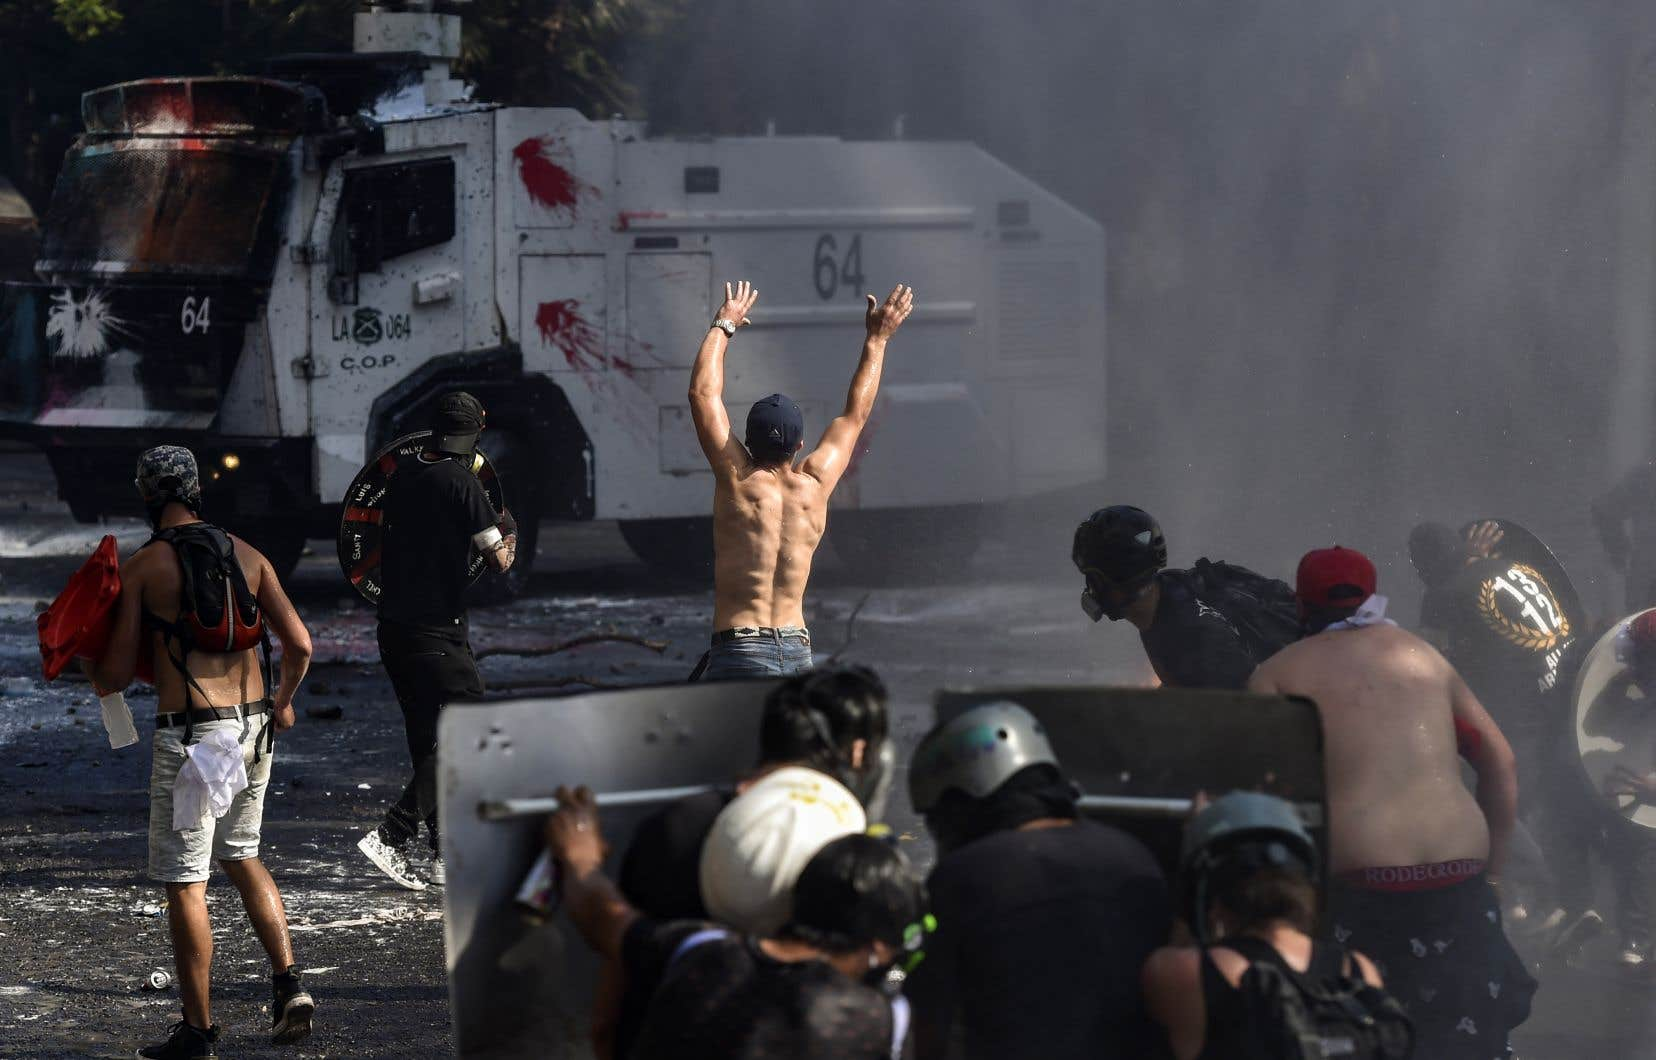 Des affrontements ont éclaté en fin de journée entre manifestants et forces de l'ordre, déployées en masse dans le centre de la capitale.